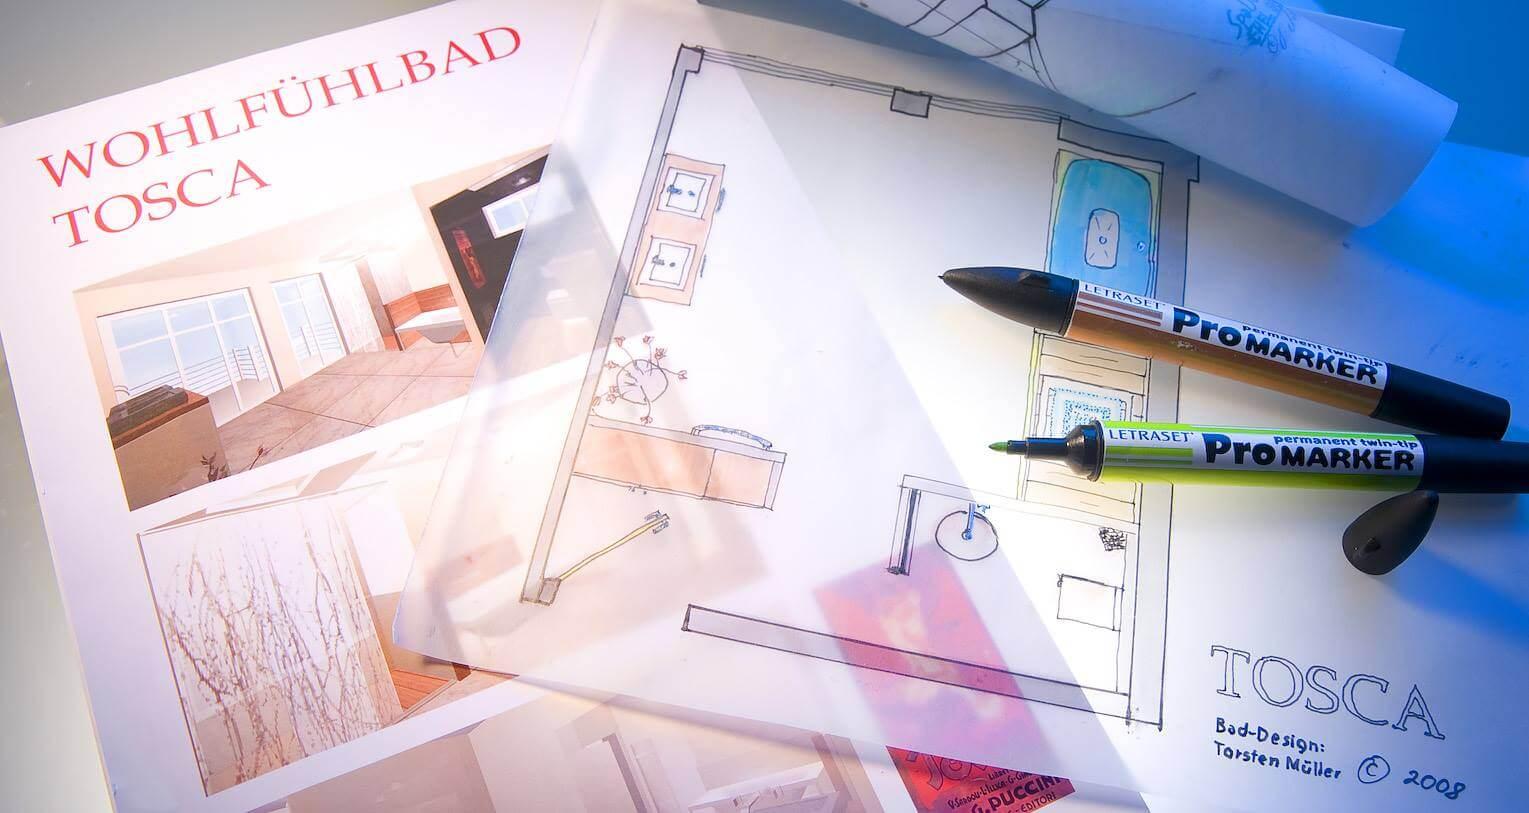 """Die Detailplanung als Herzstück des Badezimmer Design Das Lichtdesign zählt zu den wichtigsten Momenten beim Bad Einrichten wenn Sie ein kleines Bad gestalten. Eine Regendusche aus einer technisch versierten Badmanufaktur verwandelt Designerbäder durch den Einsatz unterschiedlicher Beleuchtung in ein Bad Muster für Farbtherapie. Die Farben stellen ein Herzstück der Innenarchitektur Spa Design und der Badezimmer Design Badgestaltung dar. Beste Badezimmer vom erfahrenen Bad Designer profitieren von einer harmonischen Farbauswahl für das Badambiente, die die Badkultur um weitere Sinneserlebnisse erweitert. Auch das Badzubehör Design zählt zu den """"Feinarbeiten"""" der Bädergestaltung und eröffnet unendliche Bad Design Ideen. Wenn Sie ein Bad planen, muss auch die Auswahl der Accessoires, die das Bad exklusiv machen, getroffen werden. Beim Bad Einrichten spielt im Jahre 2017 auch der Anschluss an das Smart Home eine wesentliche Rolle. Das Bad Gestalten ohne eine digitale Steuerung für das Licht- und Soundsystem, die verbrauchte Wassermenge und die Wassertemperatur ist heute beim Bad Planen kaum denkbar. Aber welchen Wunsch haben Sie ob ausgefallene oder schlicht? Torsten Müller und sein Team realisiert und plant Bäder zu bezahlbaren Preisen die begeistern."""